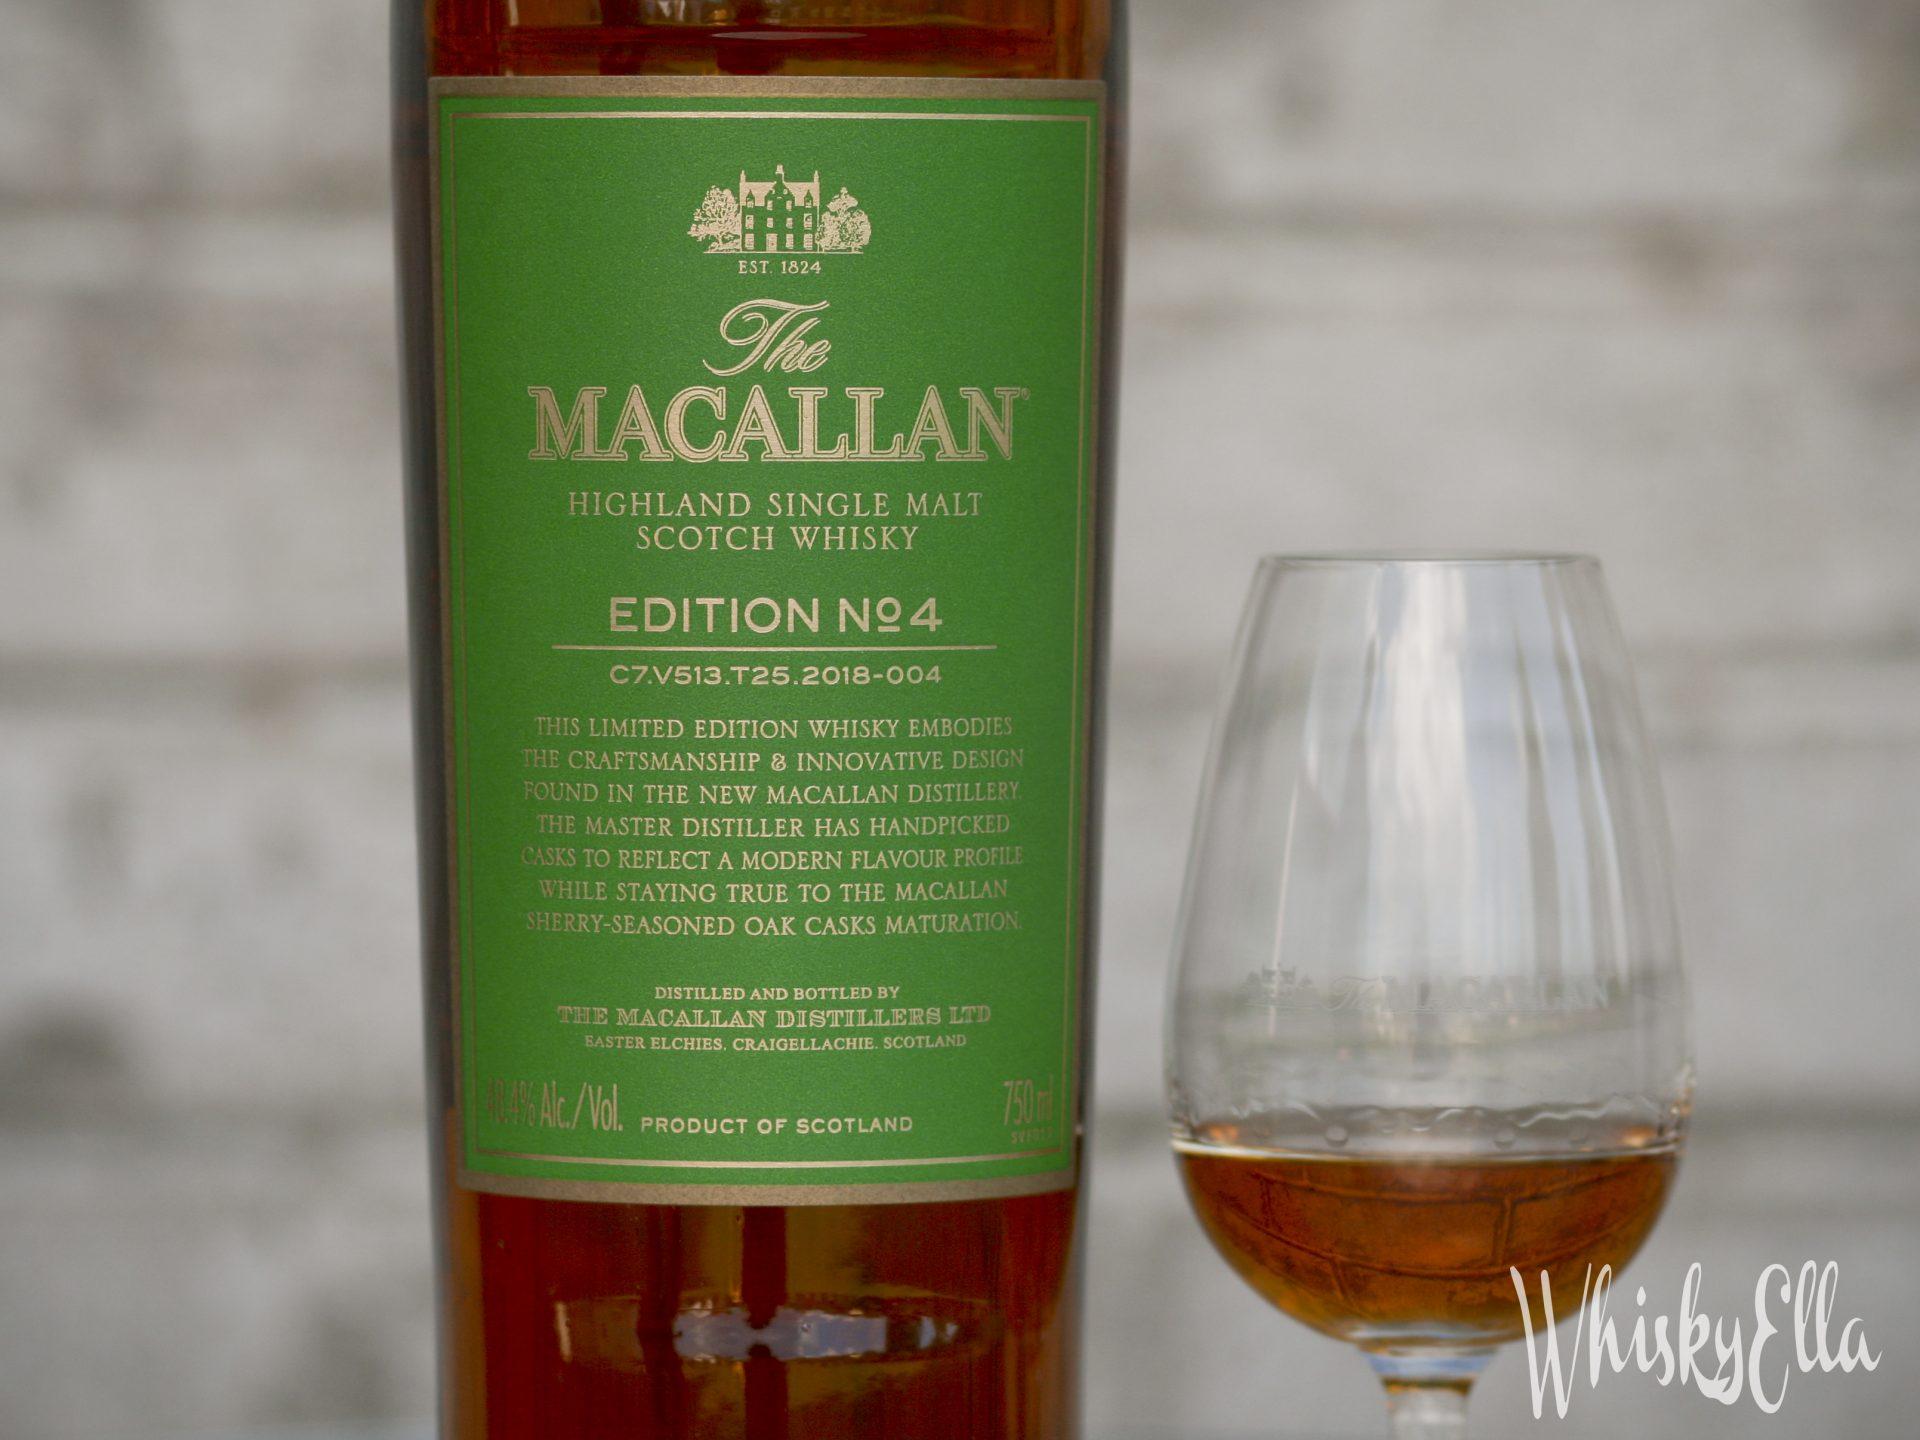 Nasza recenzja Macallan Edition No. 4 #70